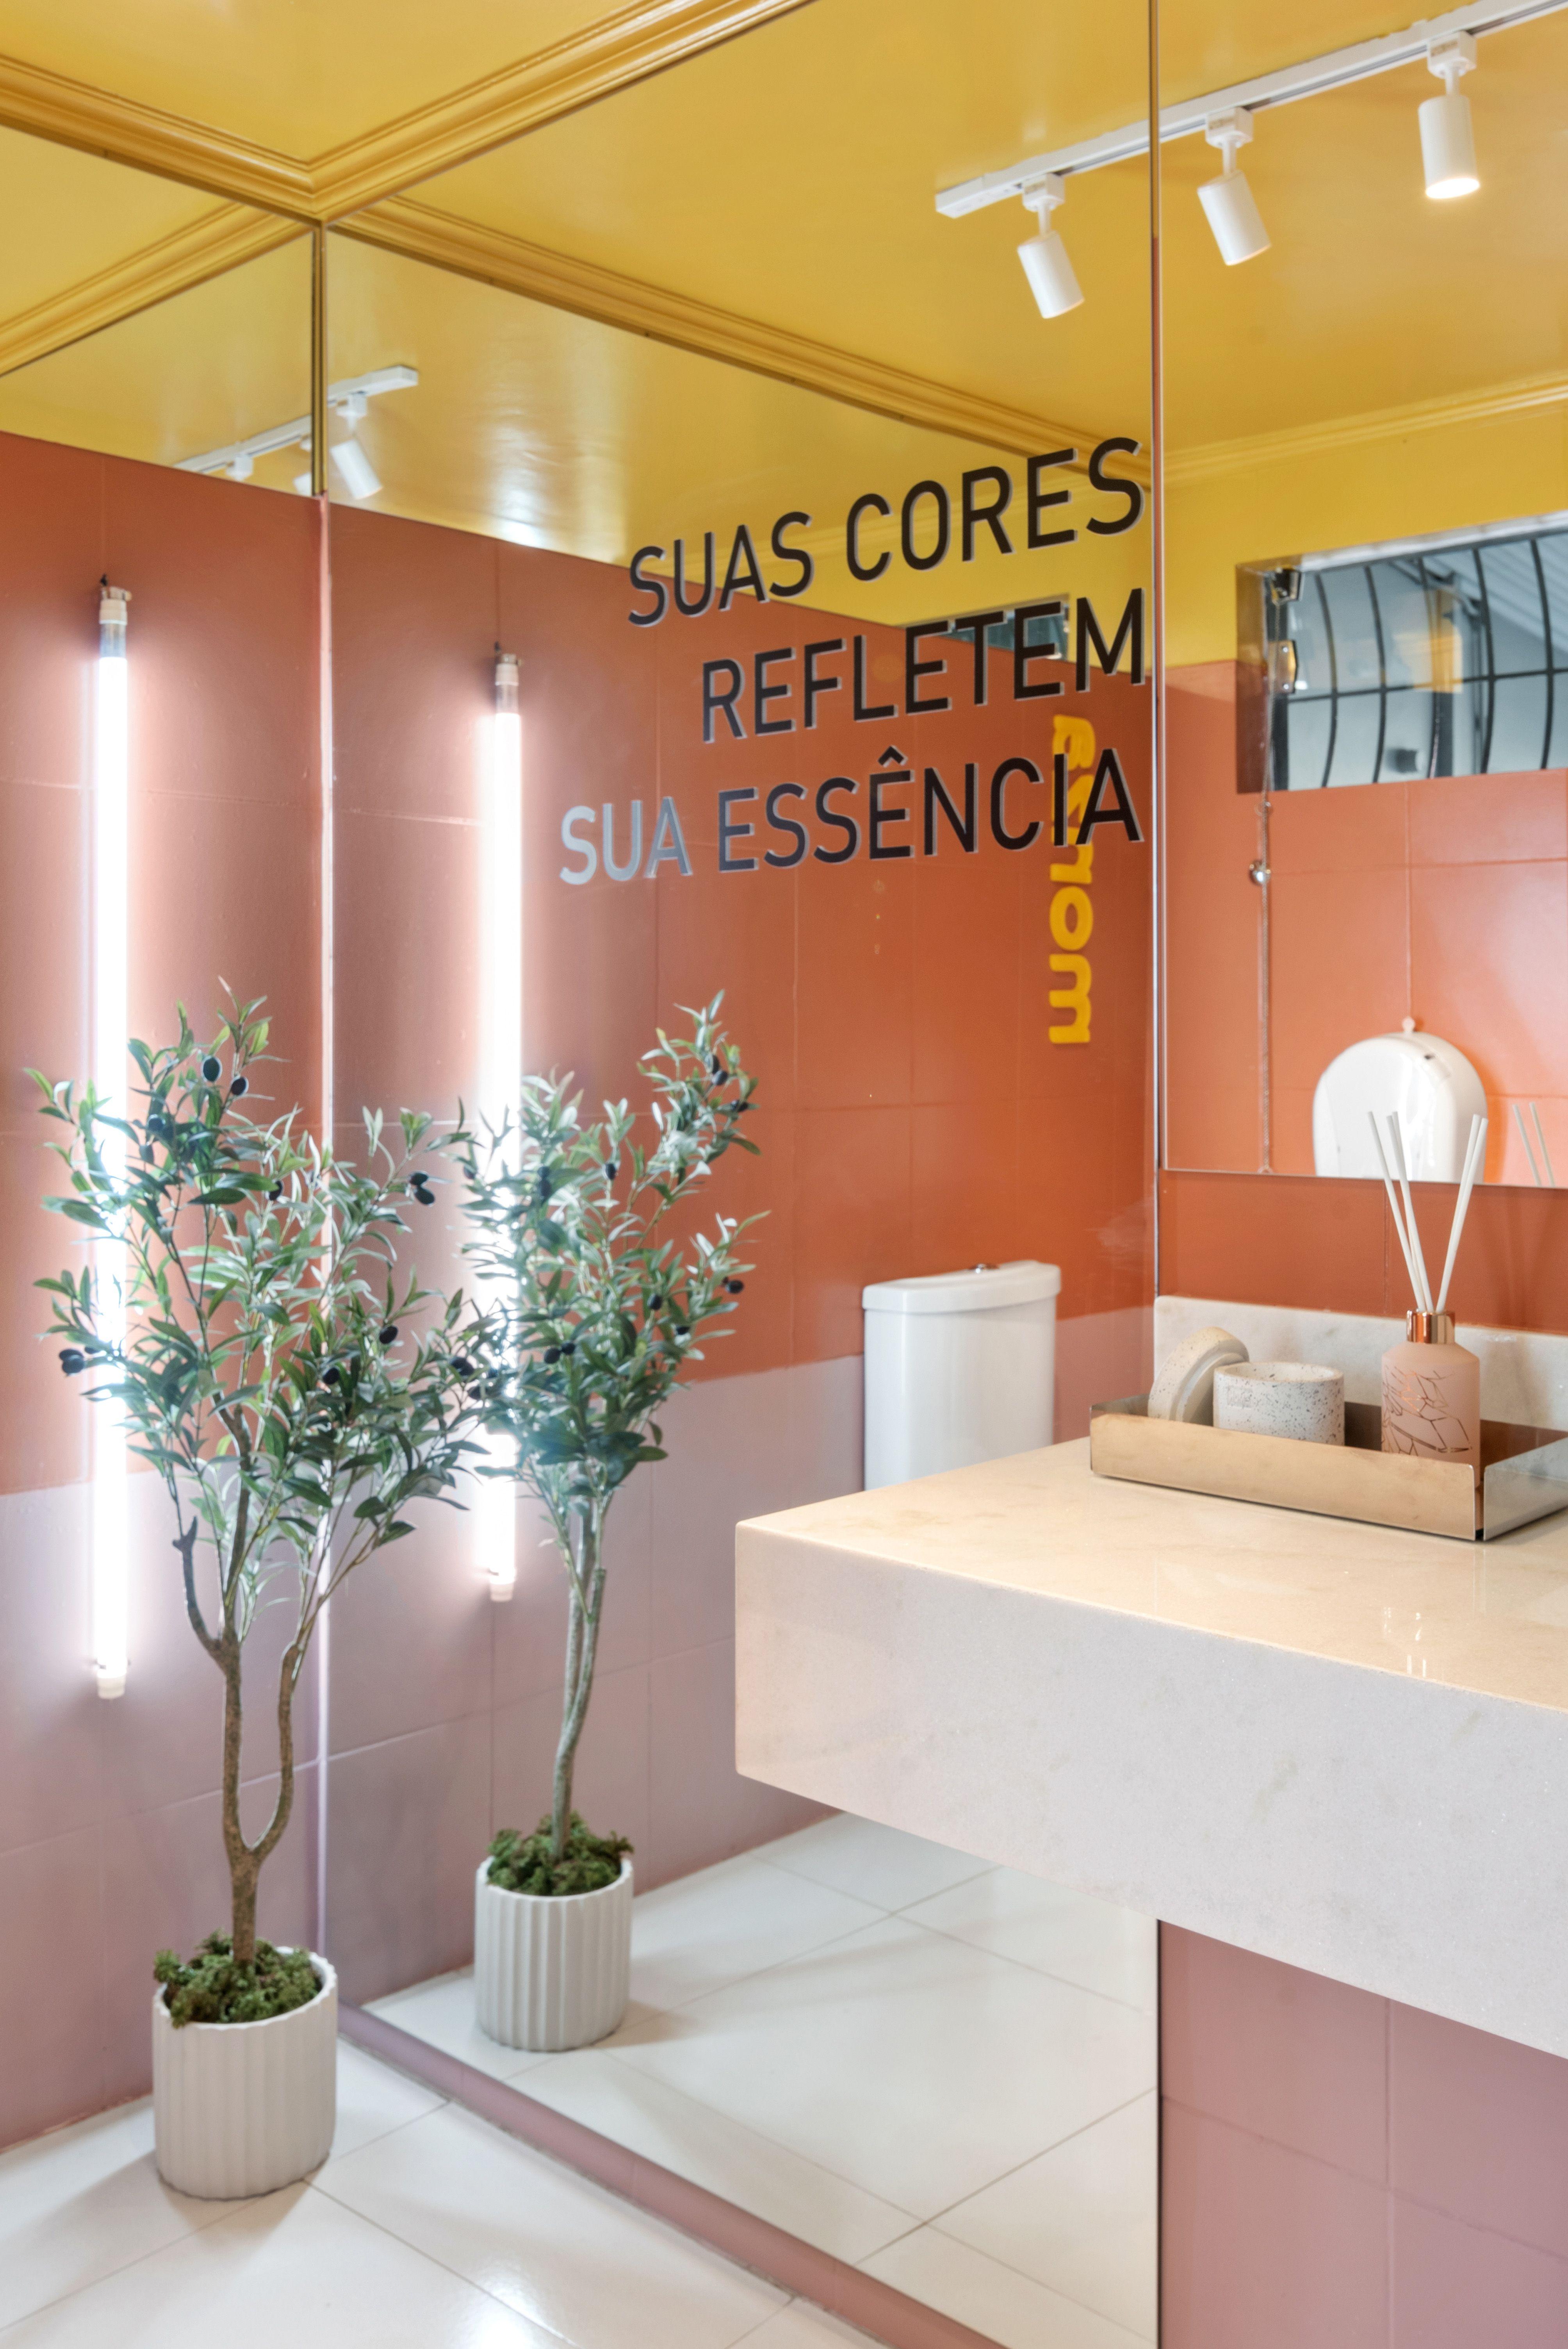 """Foto de banheiro na loja Monza Tintas com um grande espelho em foco com as escritas """"Suas cores refletem sua essência"""". Do lado direito inferior, um vaso com uma árvore média. Do lado direito, uma pia de banheiro com difusor de ambiente."""